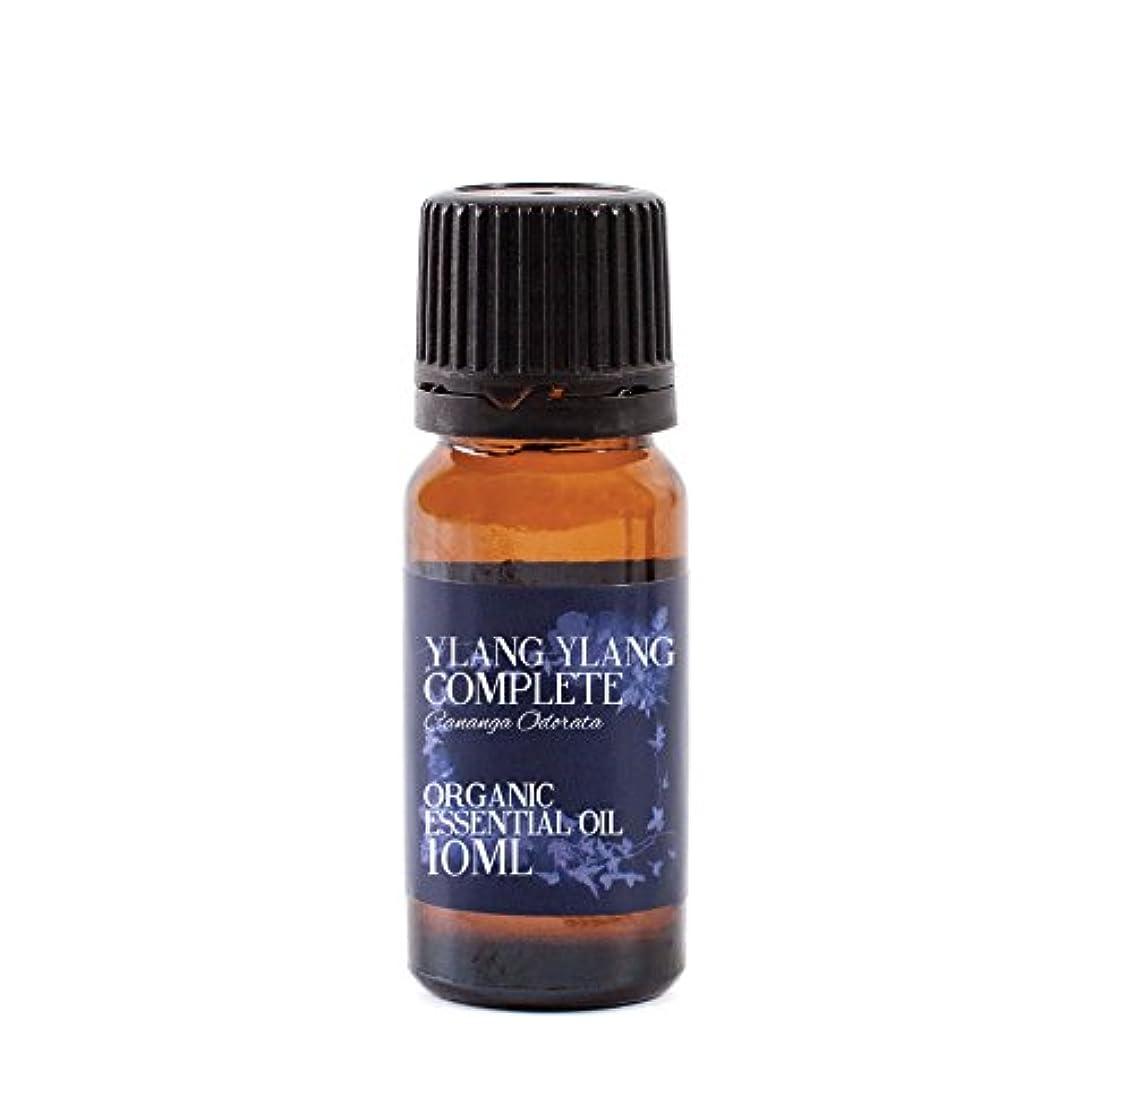 氏苦半球Mystic Moments | Ylang Ylang Complete Organic Essential Oil - 10ml - 100% Pure